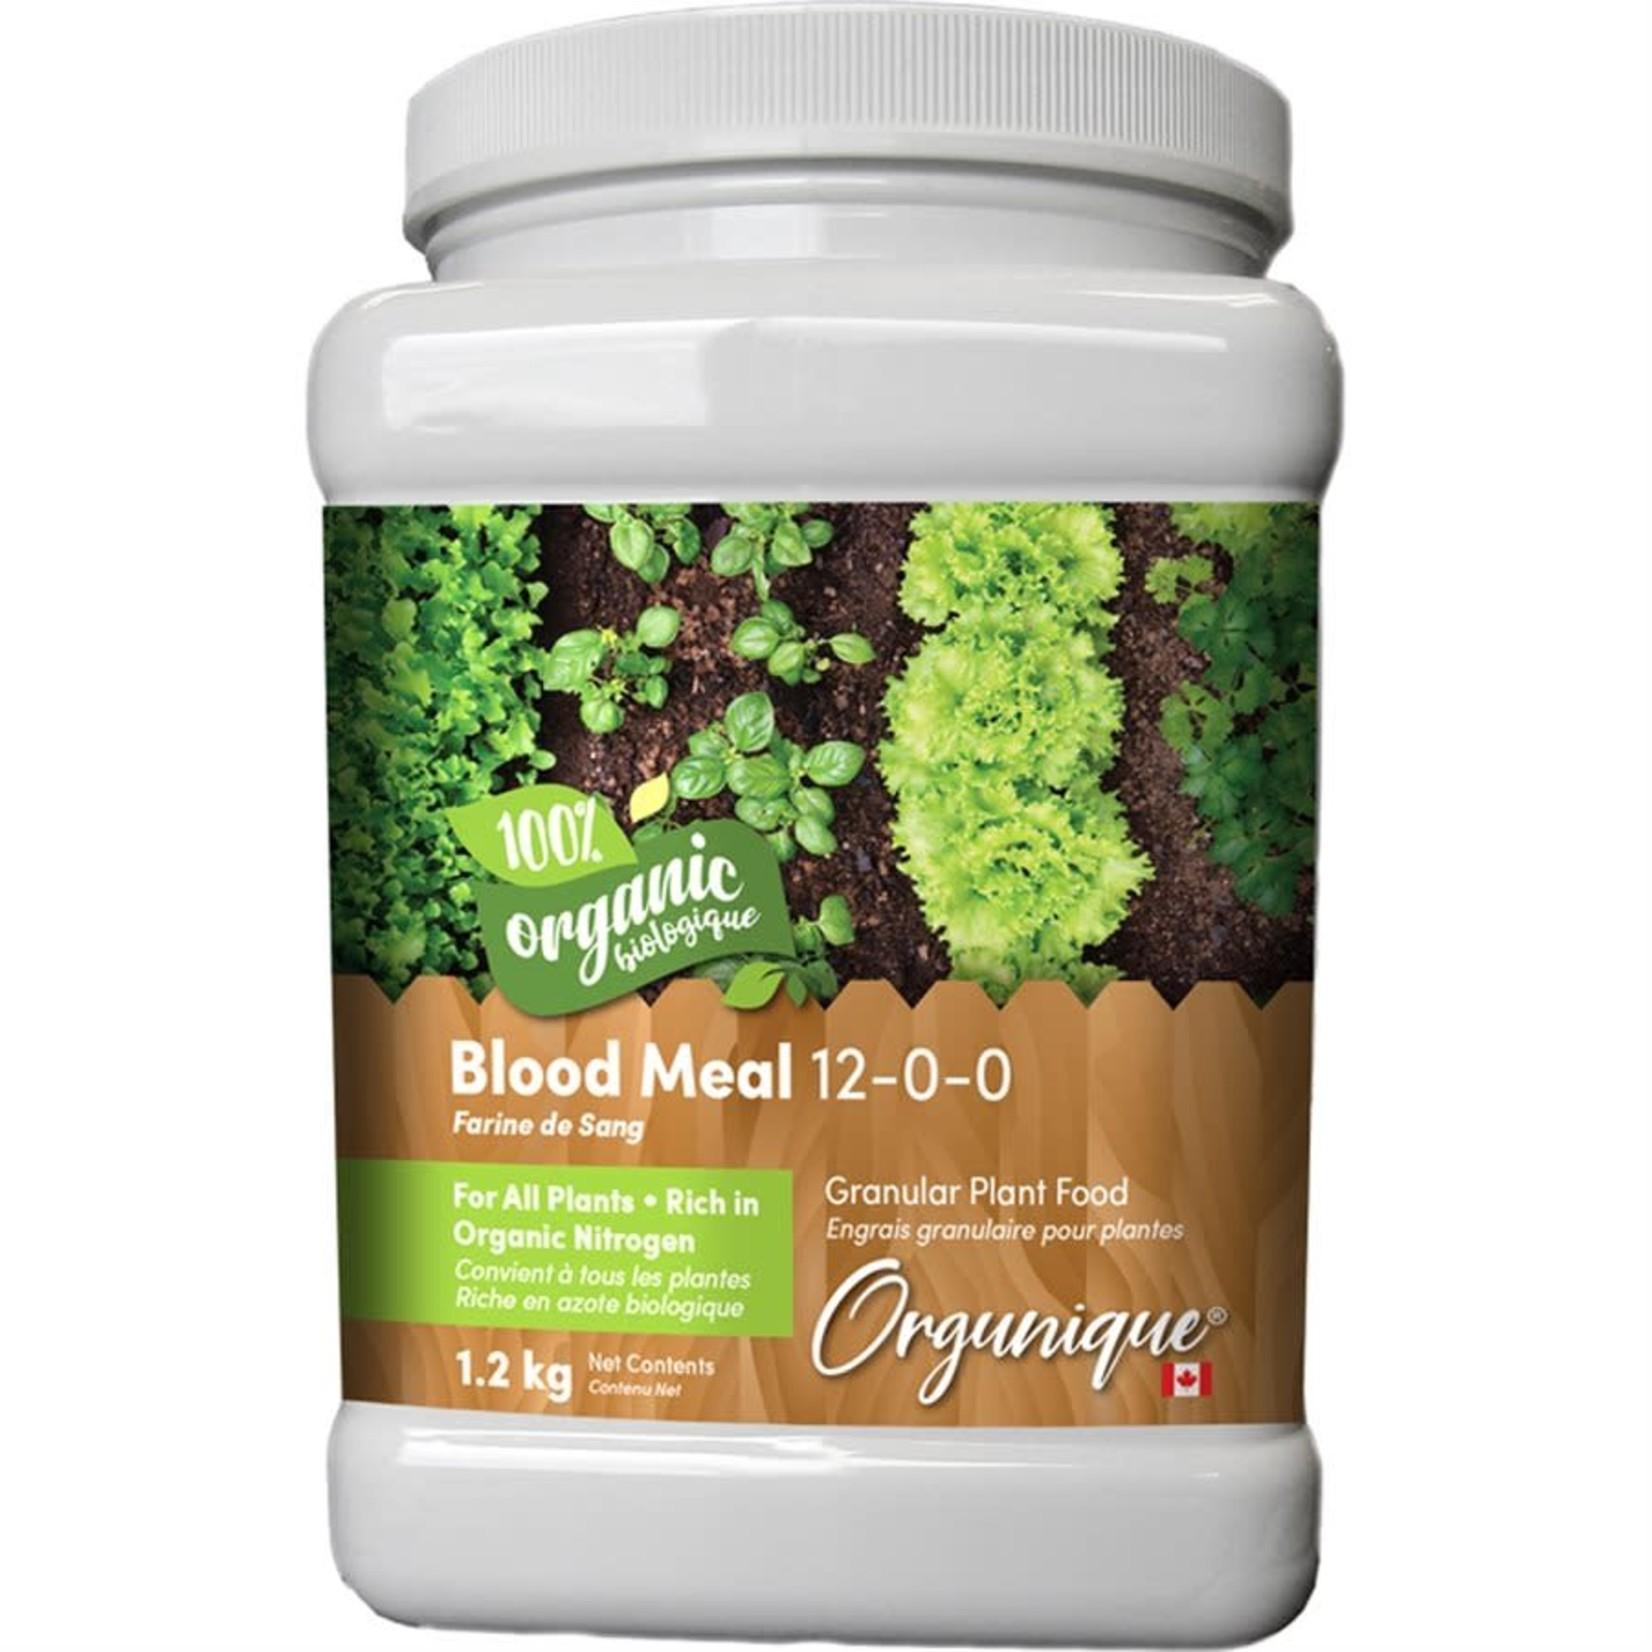 Orgunique Blood Meal 12-0-0 1.2Kg